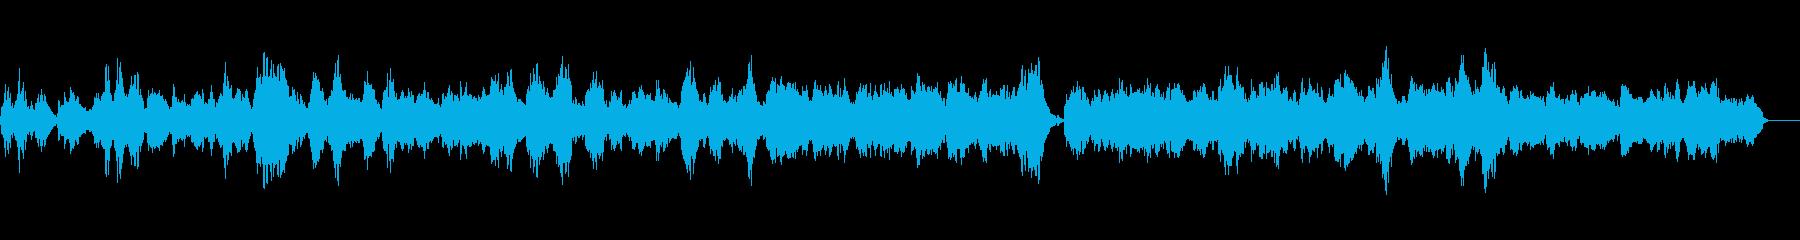 シンセとピアノのアンビエントバラードの再生済みの波形